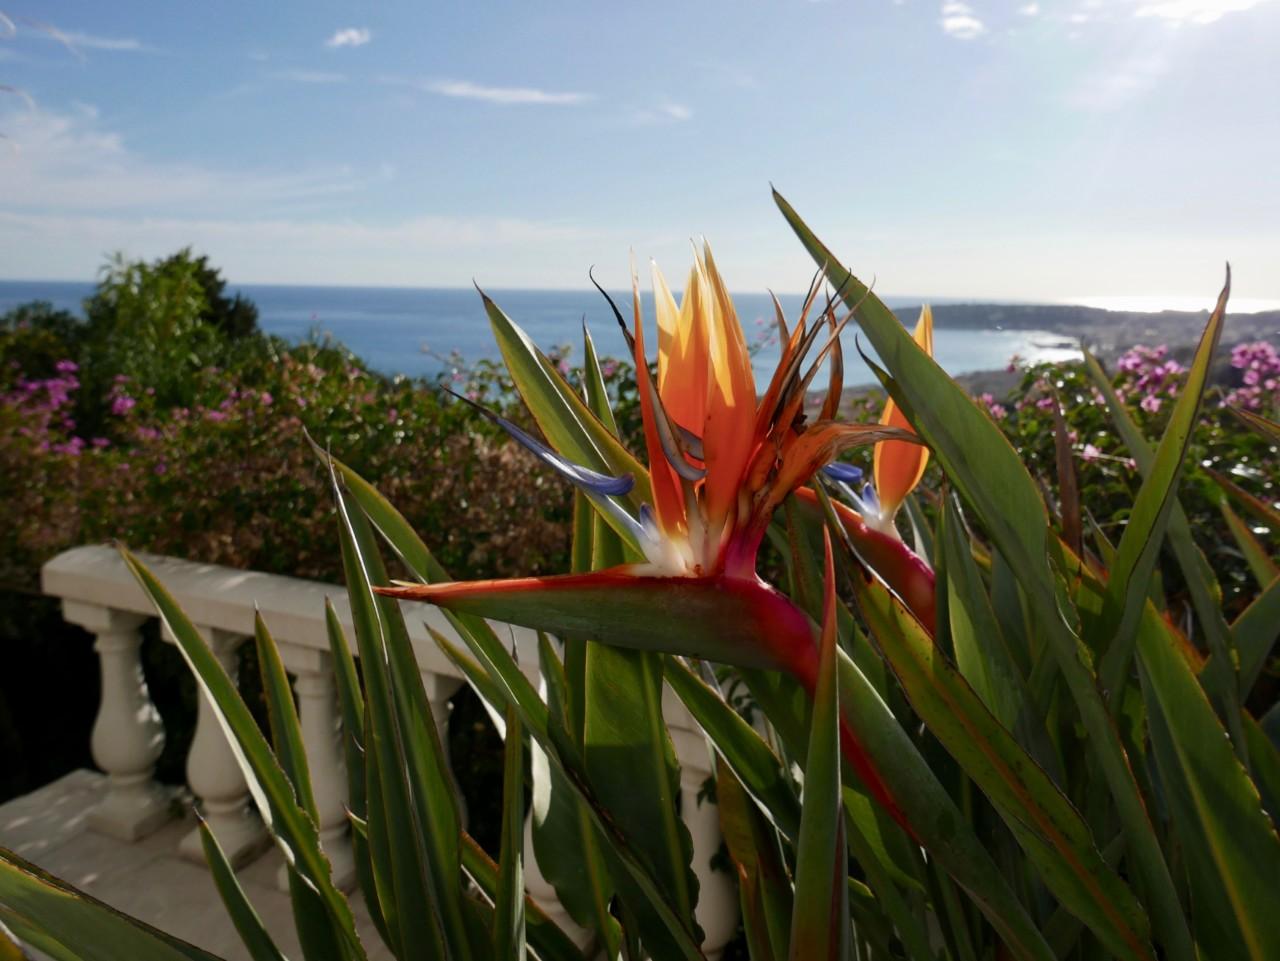 blomst-menton-utsikt-view-februar-cote-azur-green-house-by-anja-stang